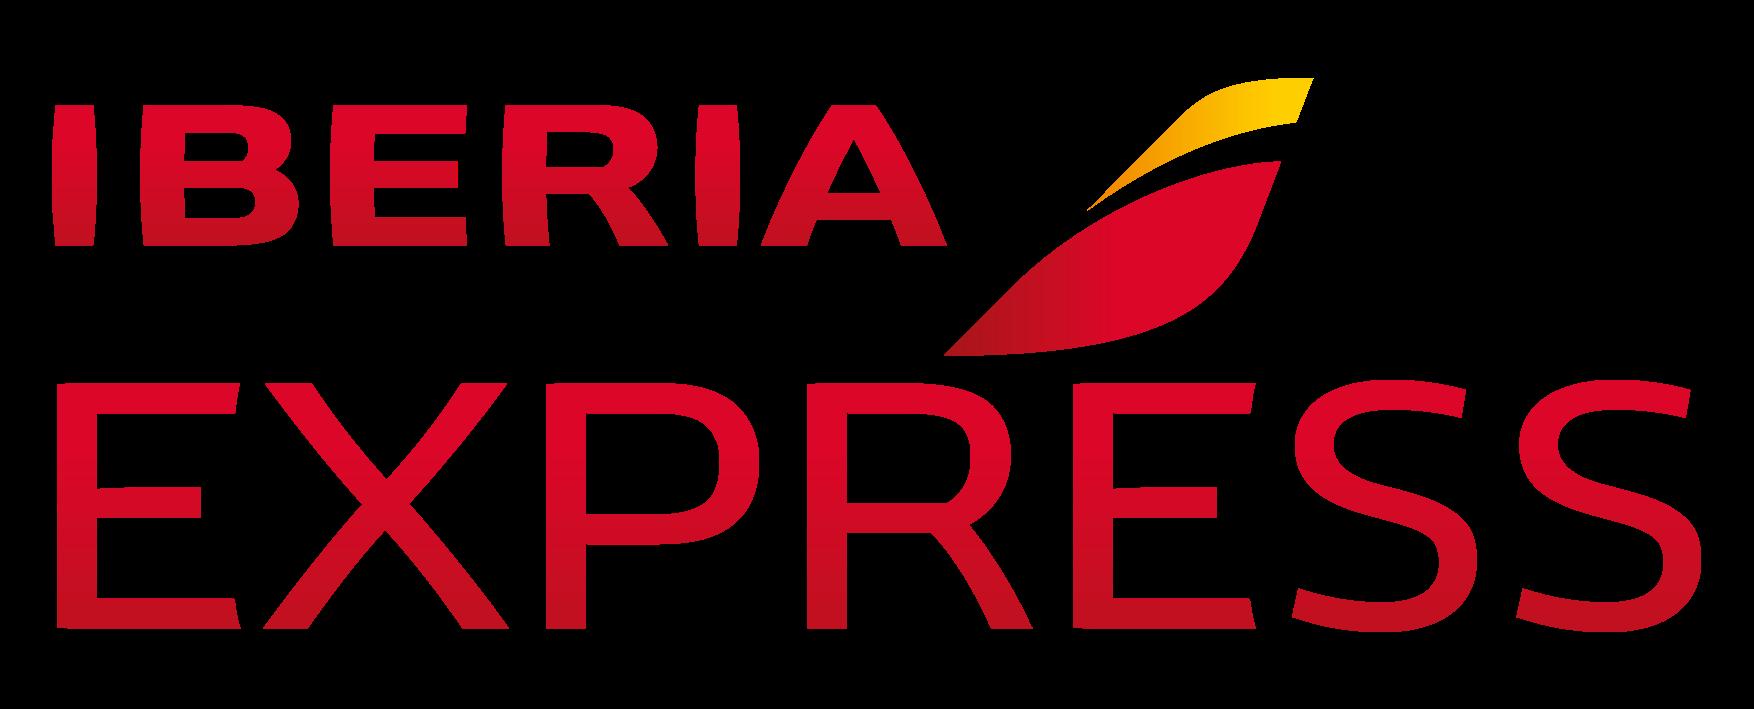 Iberia Express_Isologotype